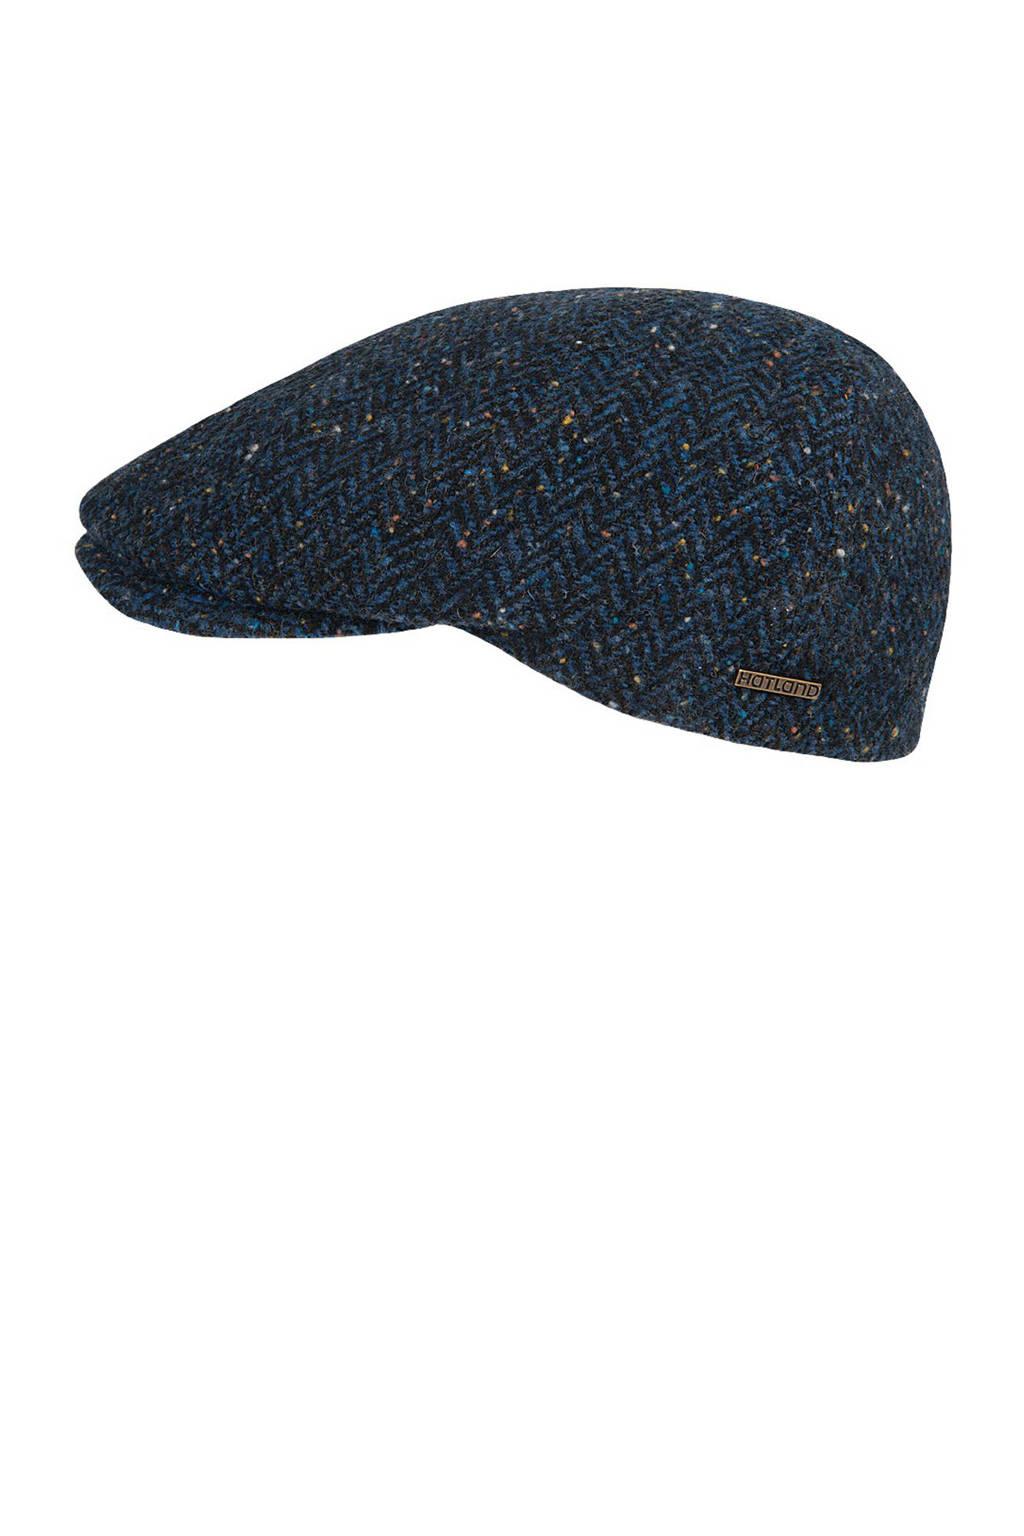 HATLAND flatcap Wales donkerblauw/grijs, Donkerblauw/grijs